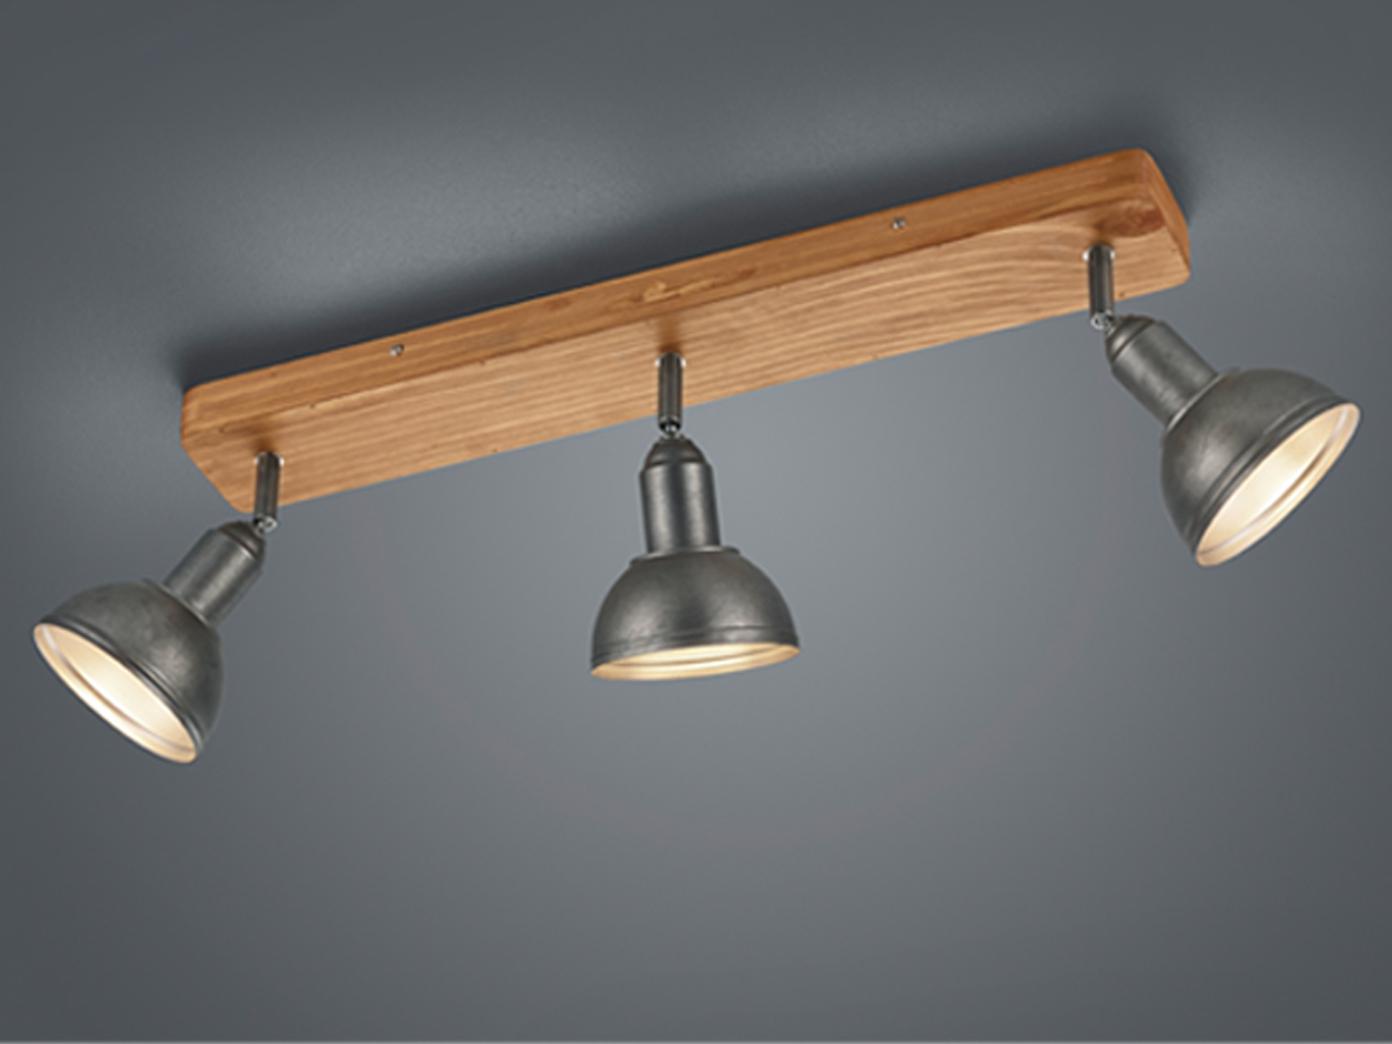 Full Size of Lampe über Kochinsel 5dc9fd79a2509 Bogenlampe Esstisch Deckenlampen Für Wohnzimmer Badezimmer Deckenlampe Lampen Bad Led Stehlampen Schlafzimmer Betten Wohnzimmer Lampe über Kochinsel